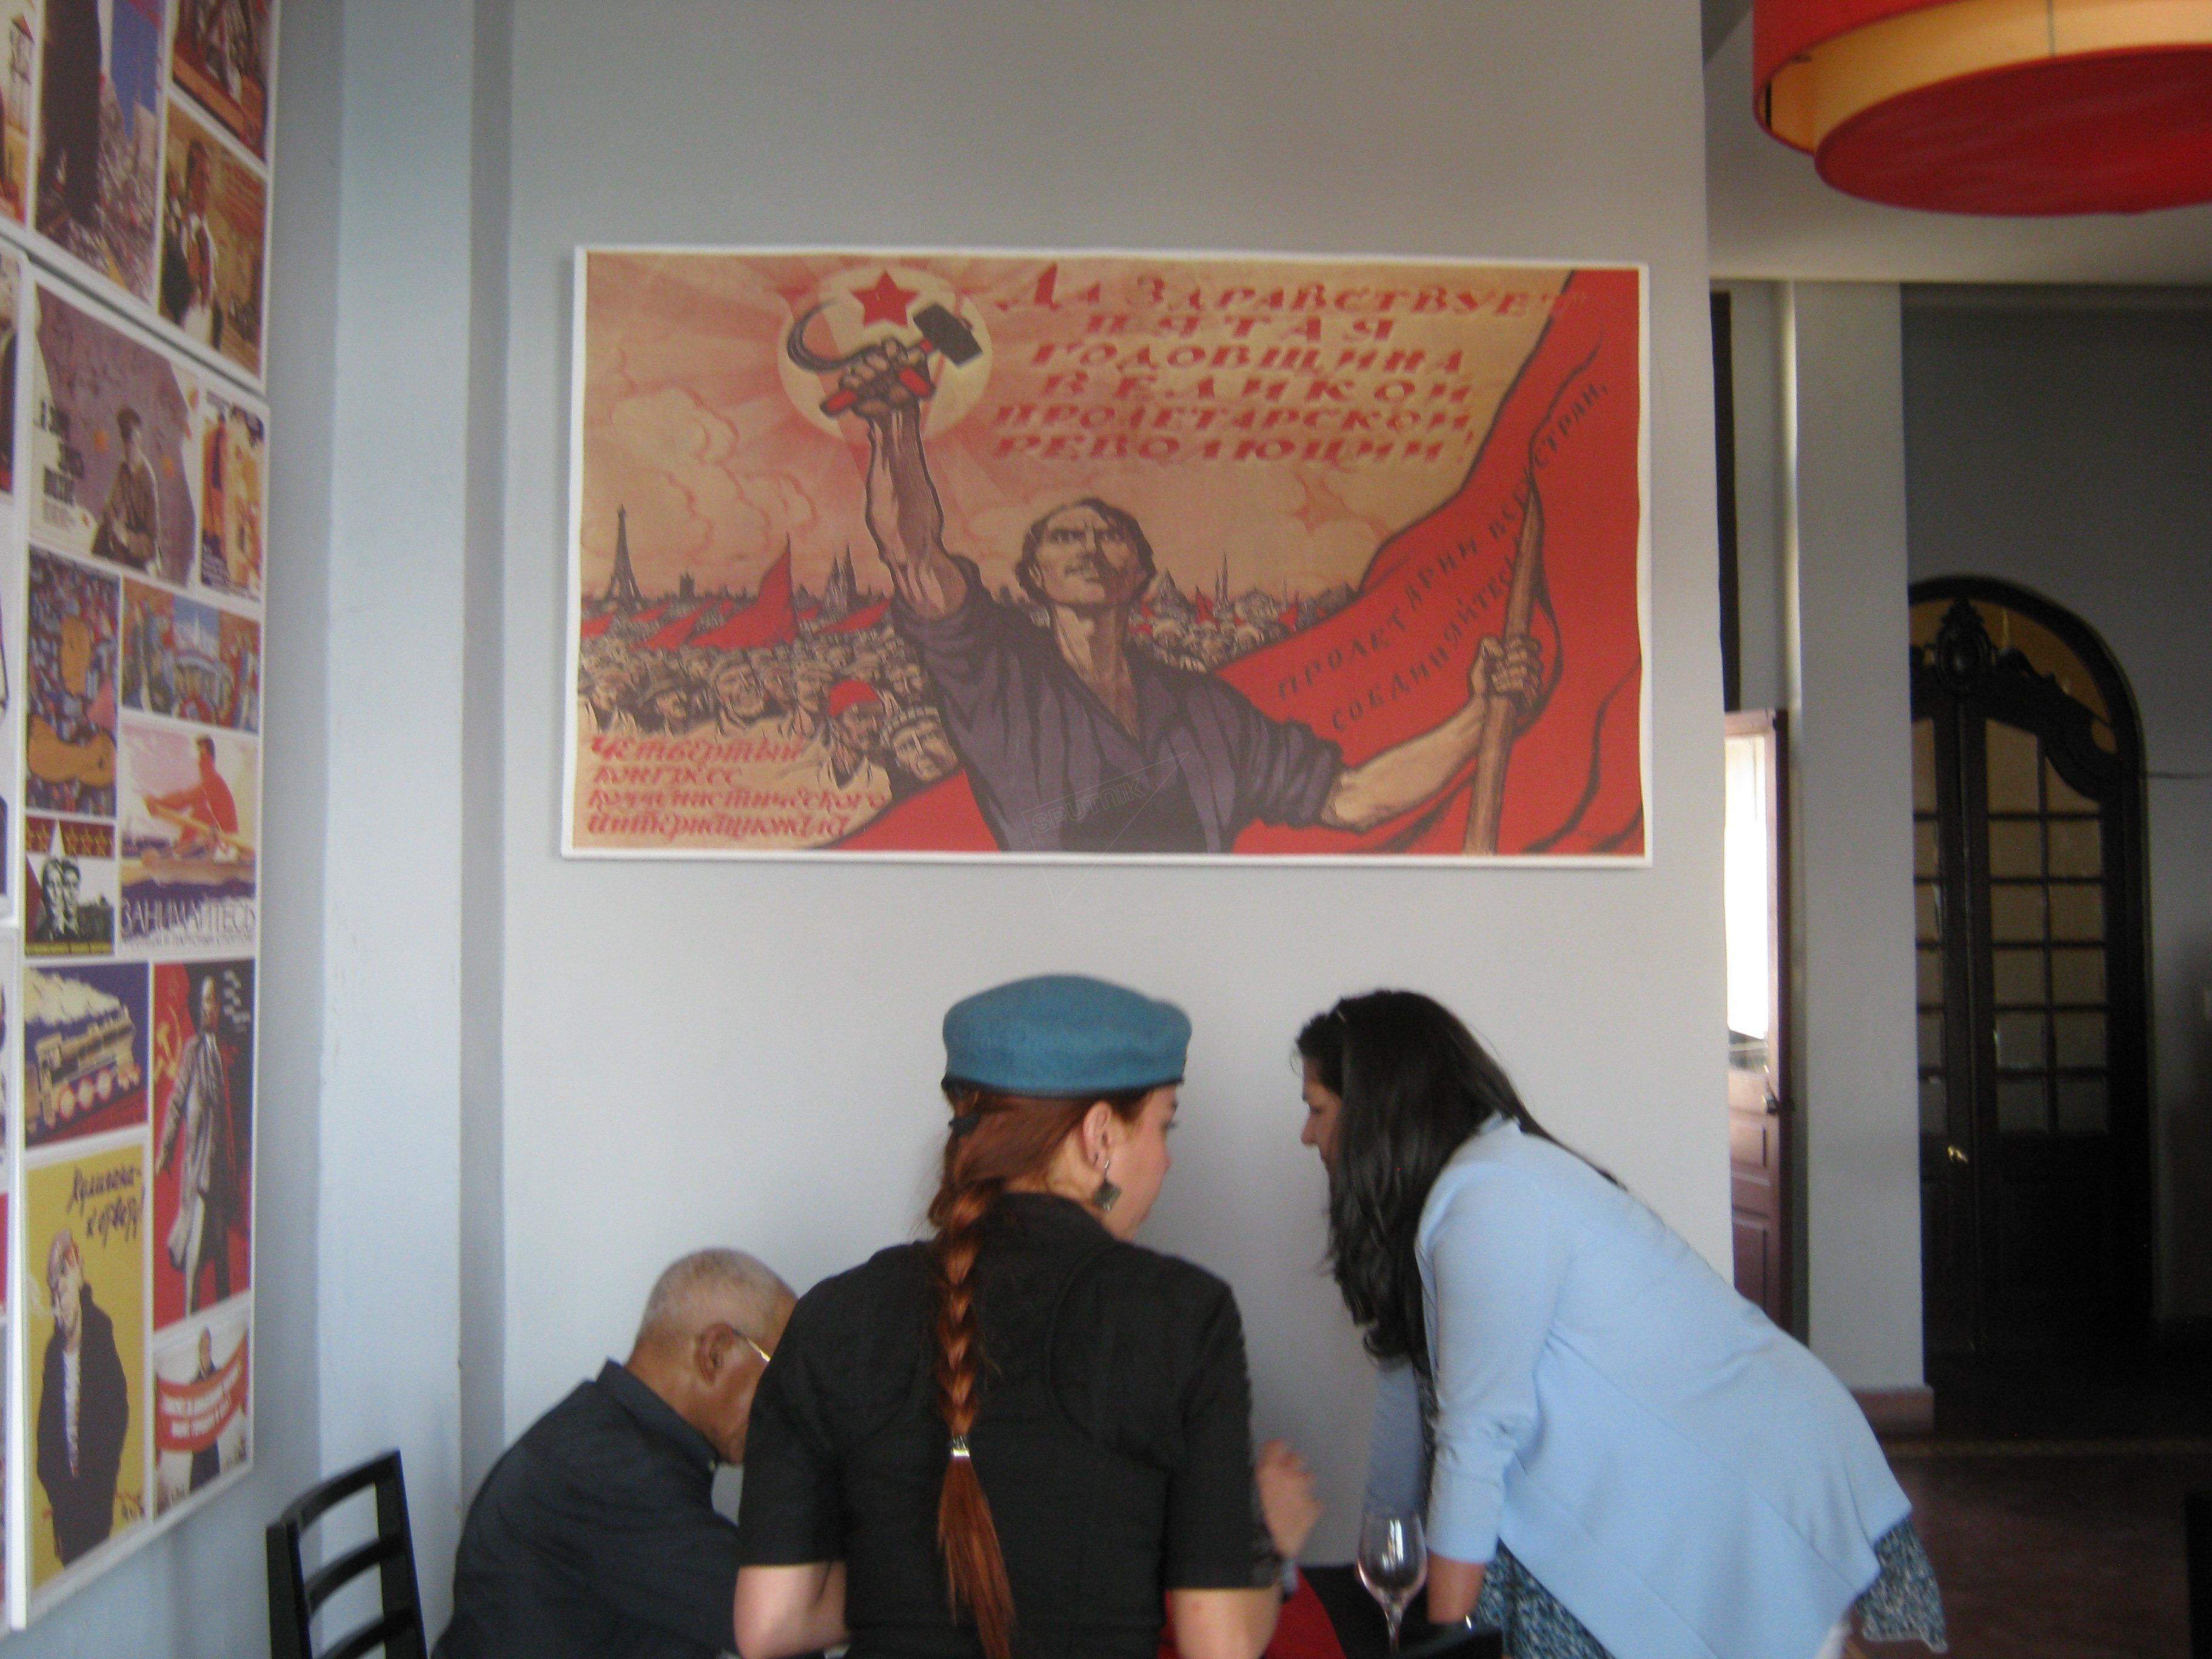 Radziecka restauracja Nazdarovie w Hawanie